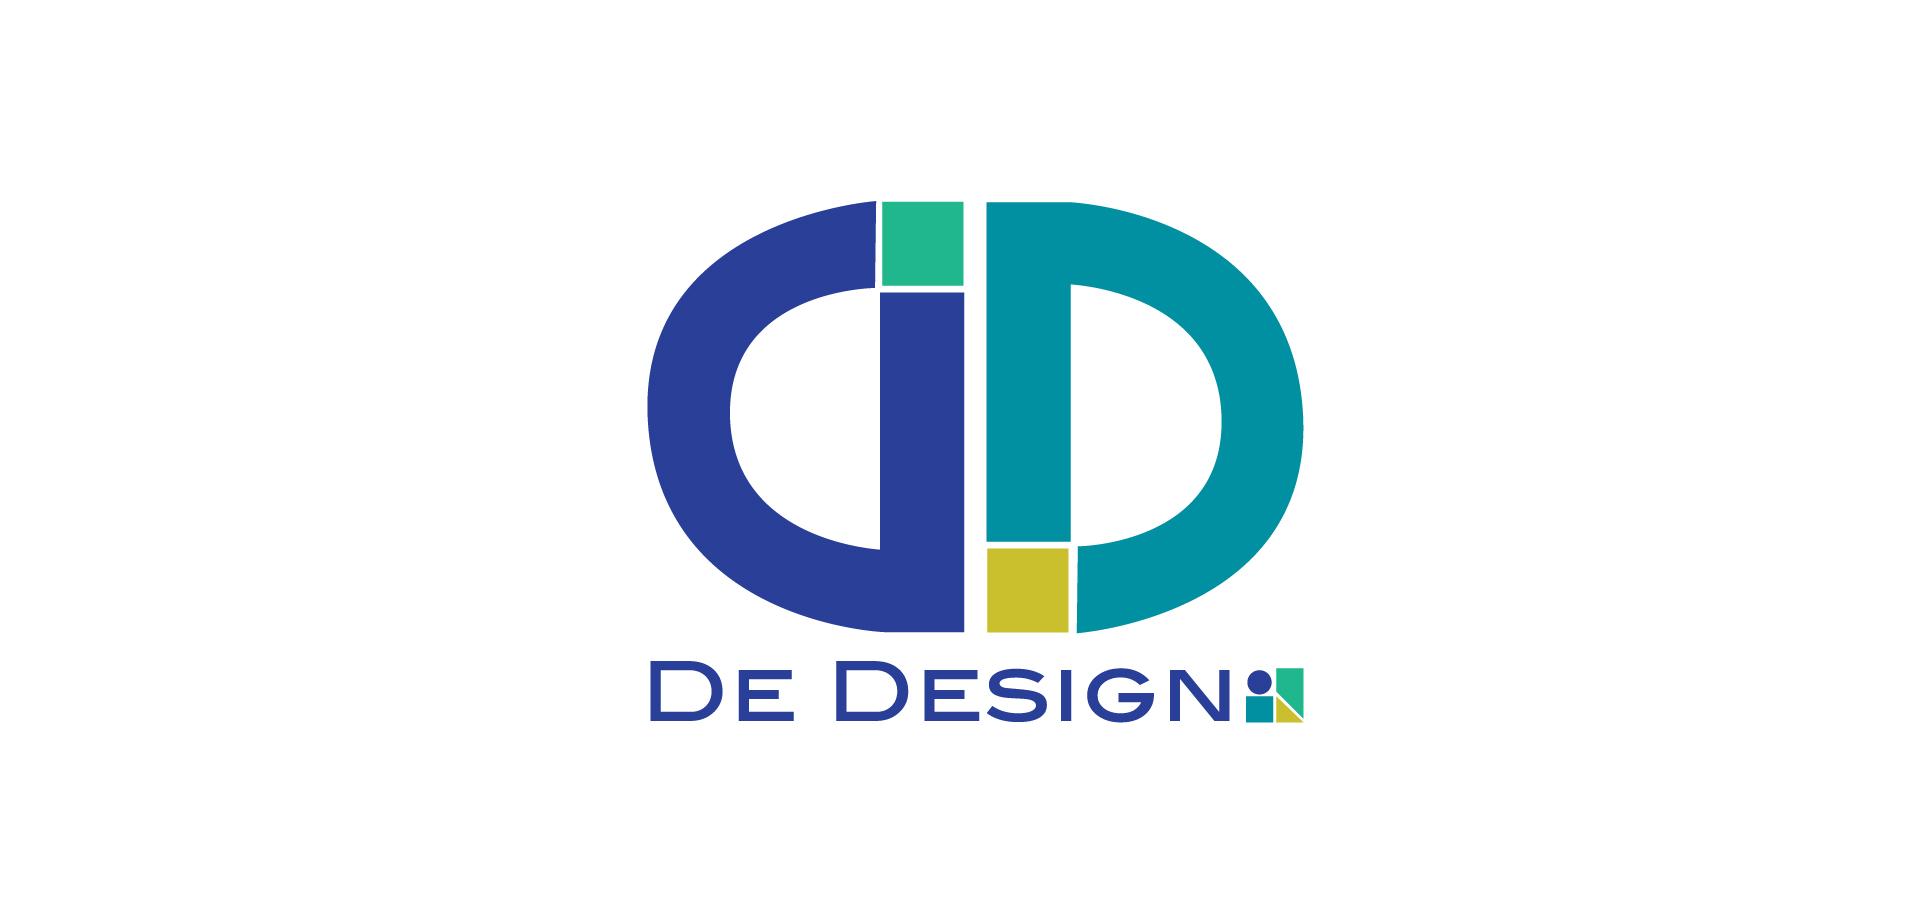 DeDesign_Web Banner-Logo Main.jpg